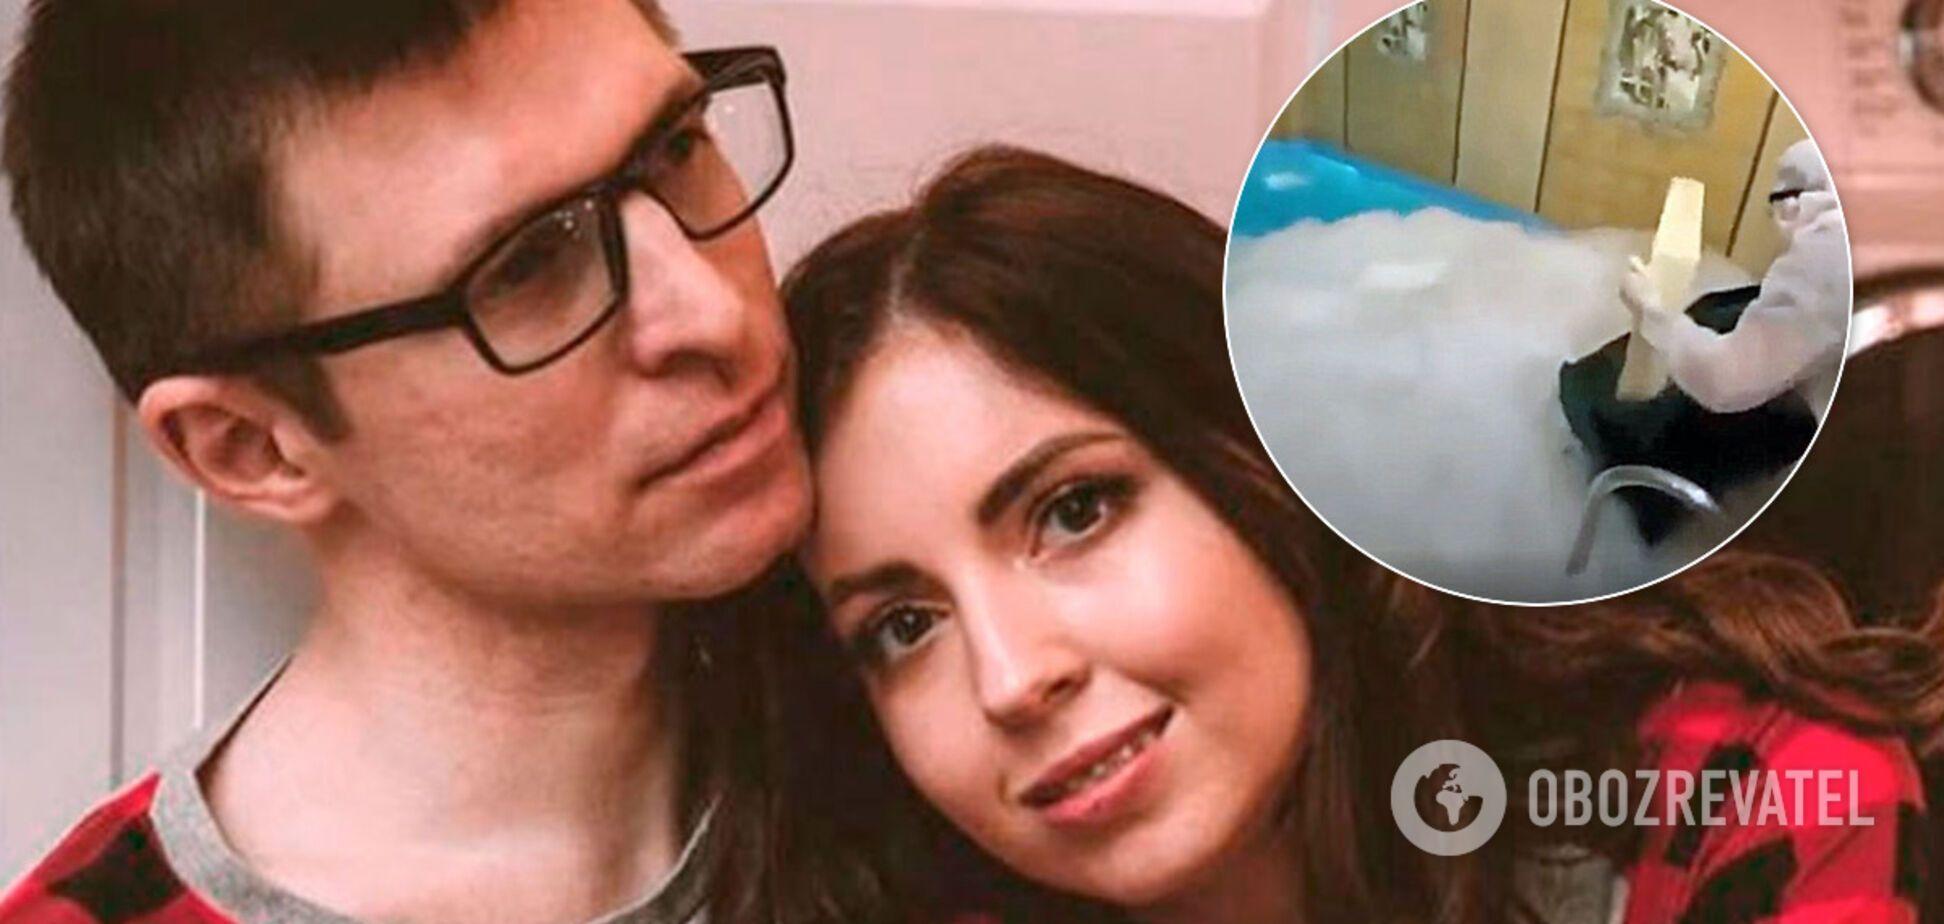 Диденко заявила, что врачи не спешили спасать людей на вечеринке с сухим льдом. Видео